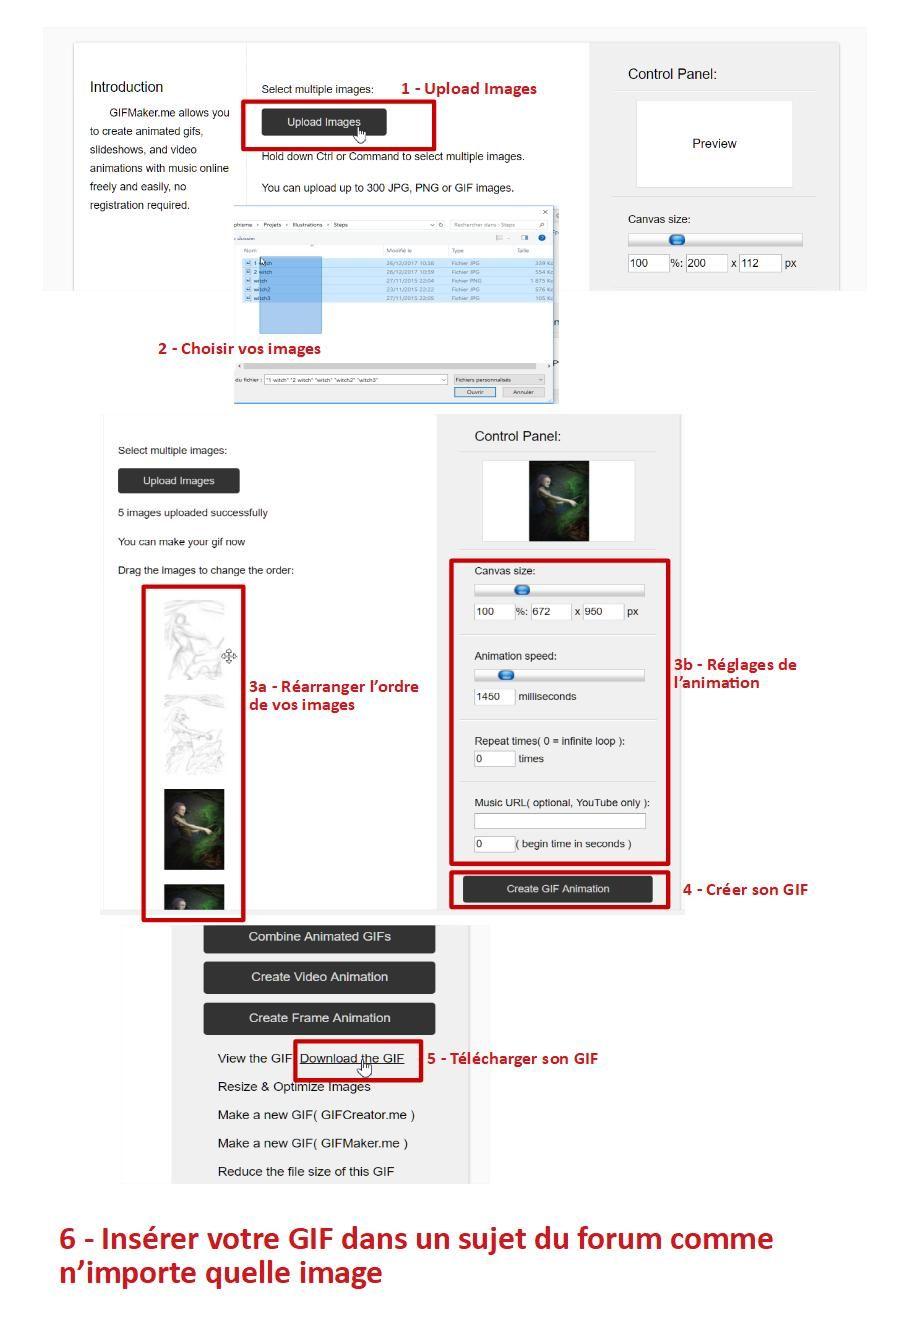 [tuto] Créer un GIF et le poster sur le forum Tuto10